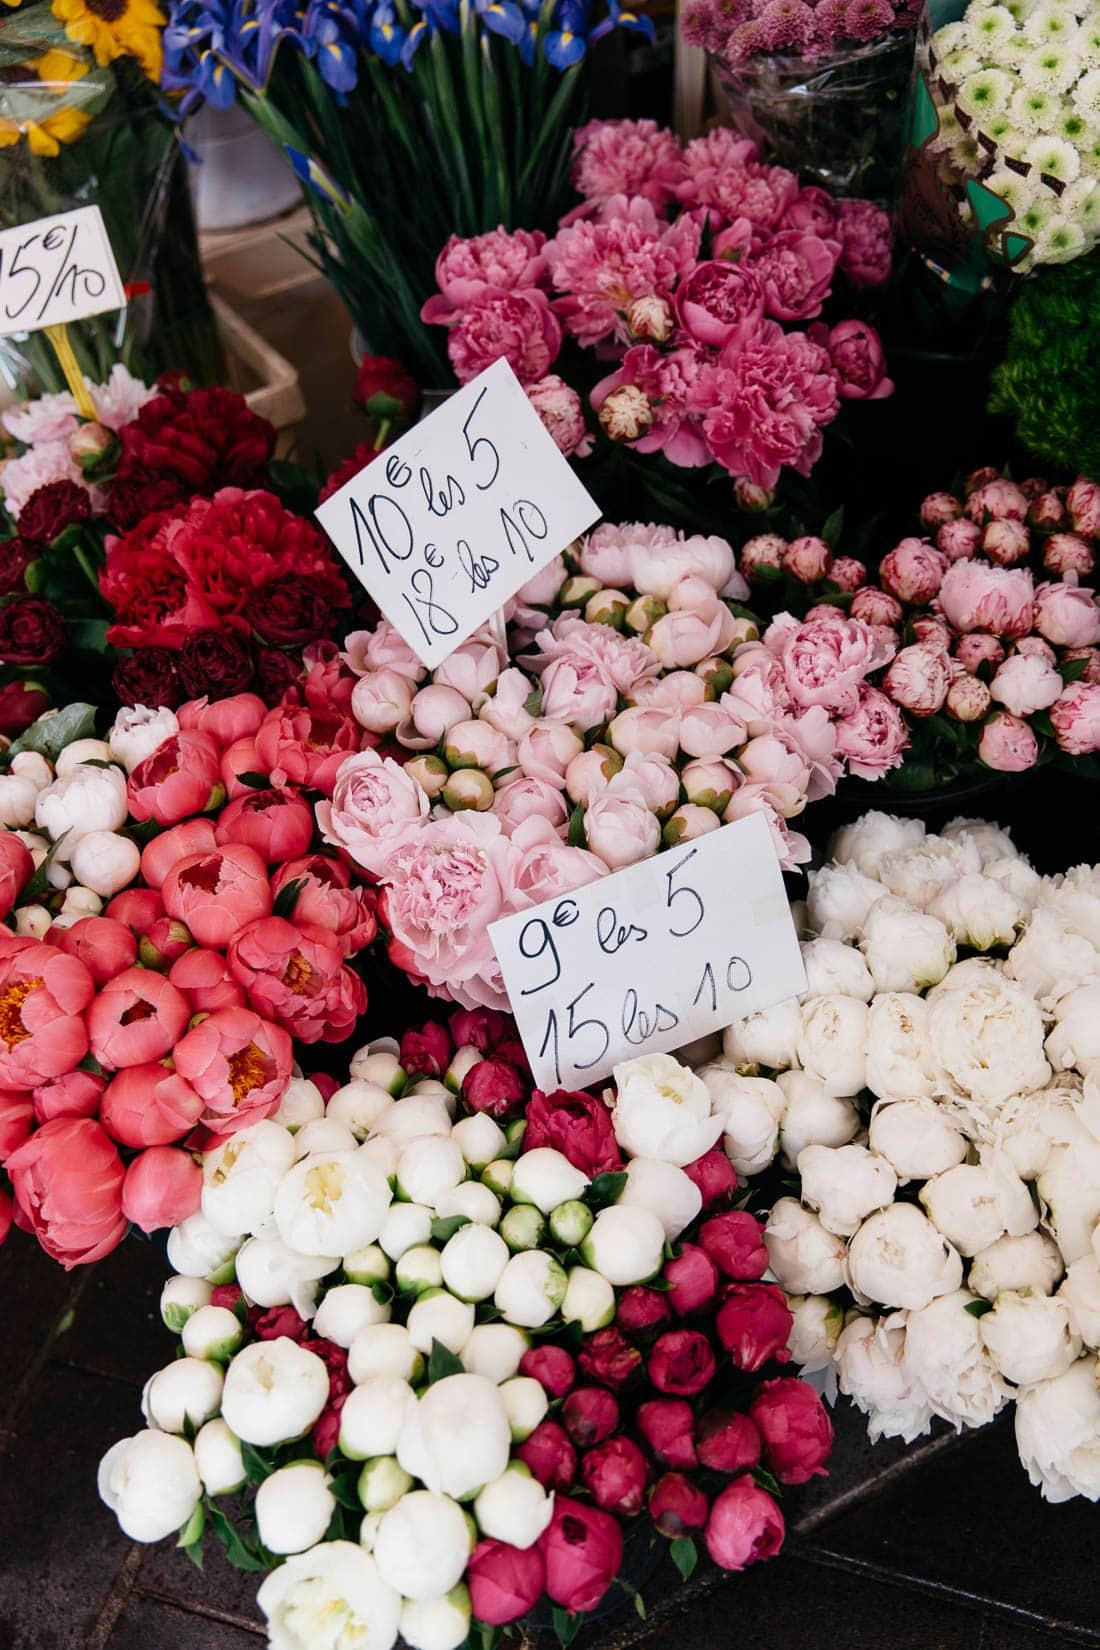 Farmers Market in Nice